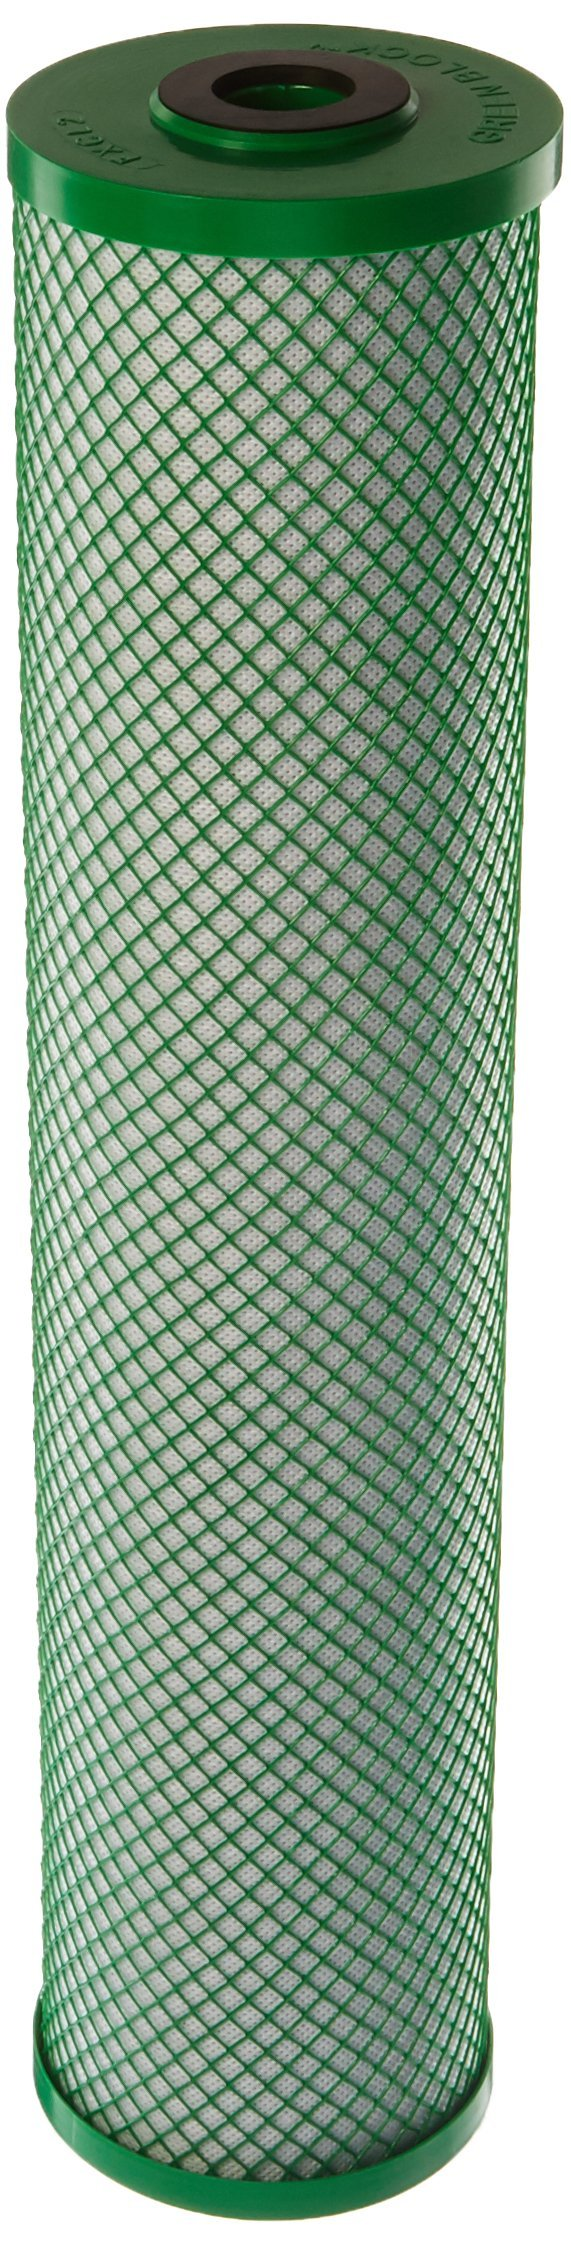 Hydro-Logic 22006 20-Inch by 4.5-Inch Big Boy Carbon Filter Green Coconut